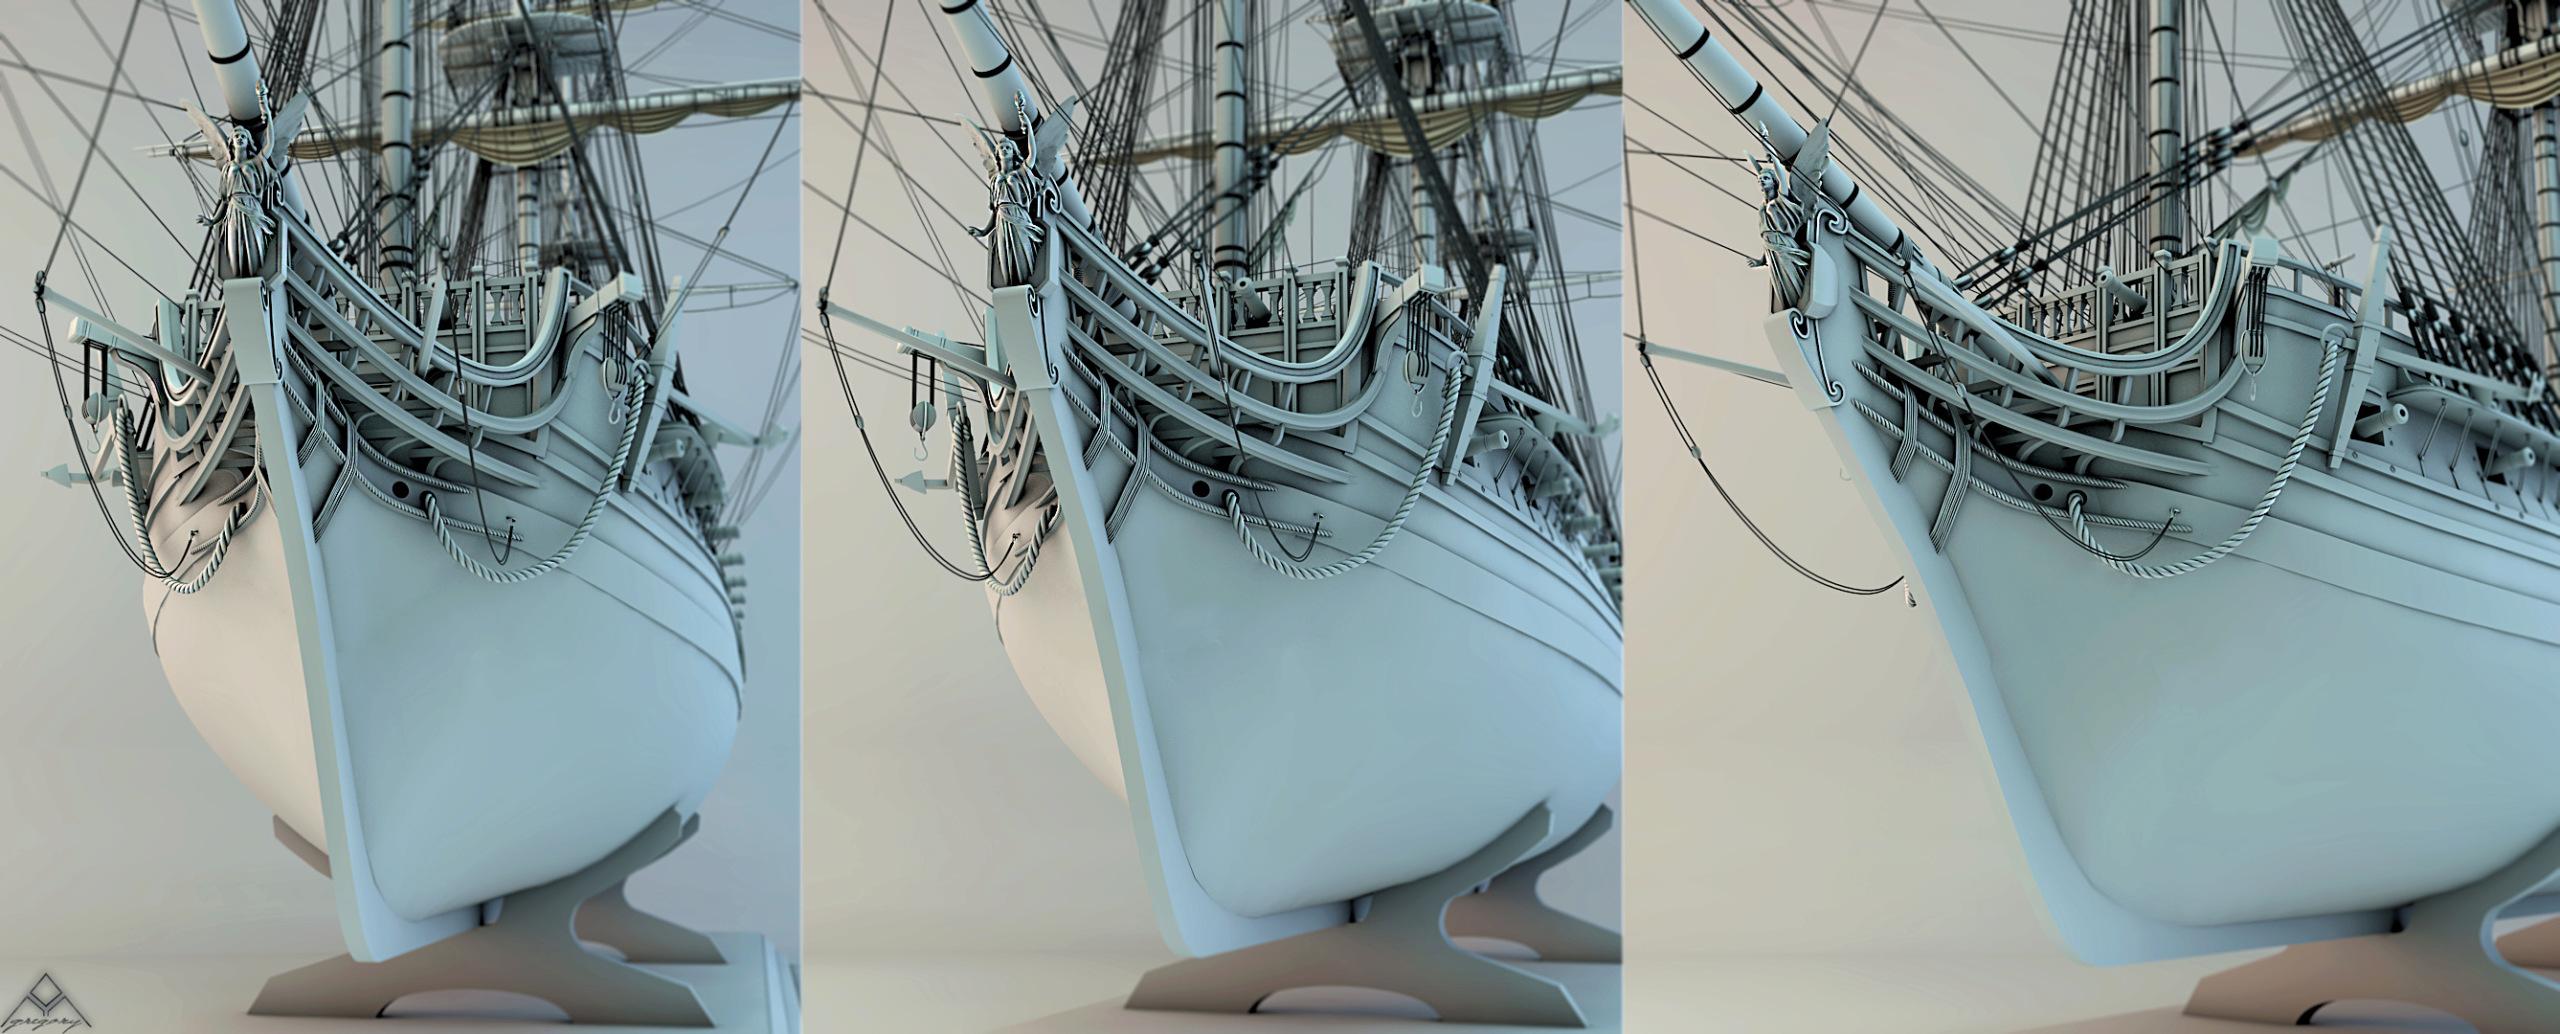 Frégate 3D de 36 canons - Page 3 Frzoga27